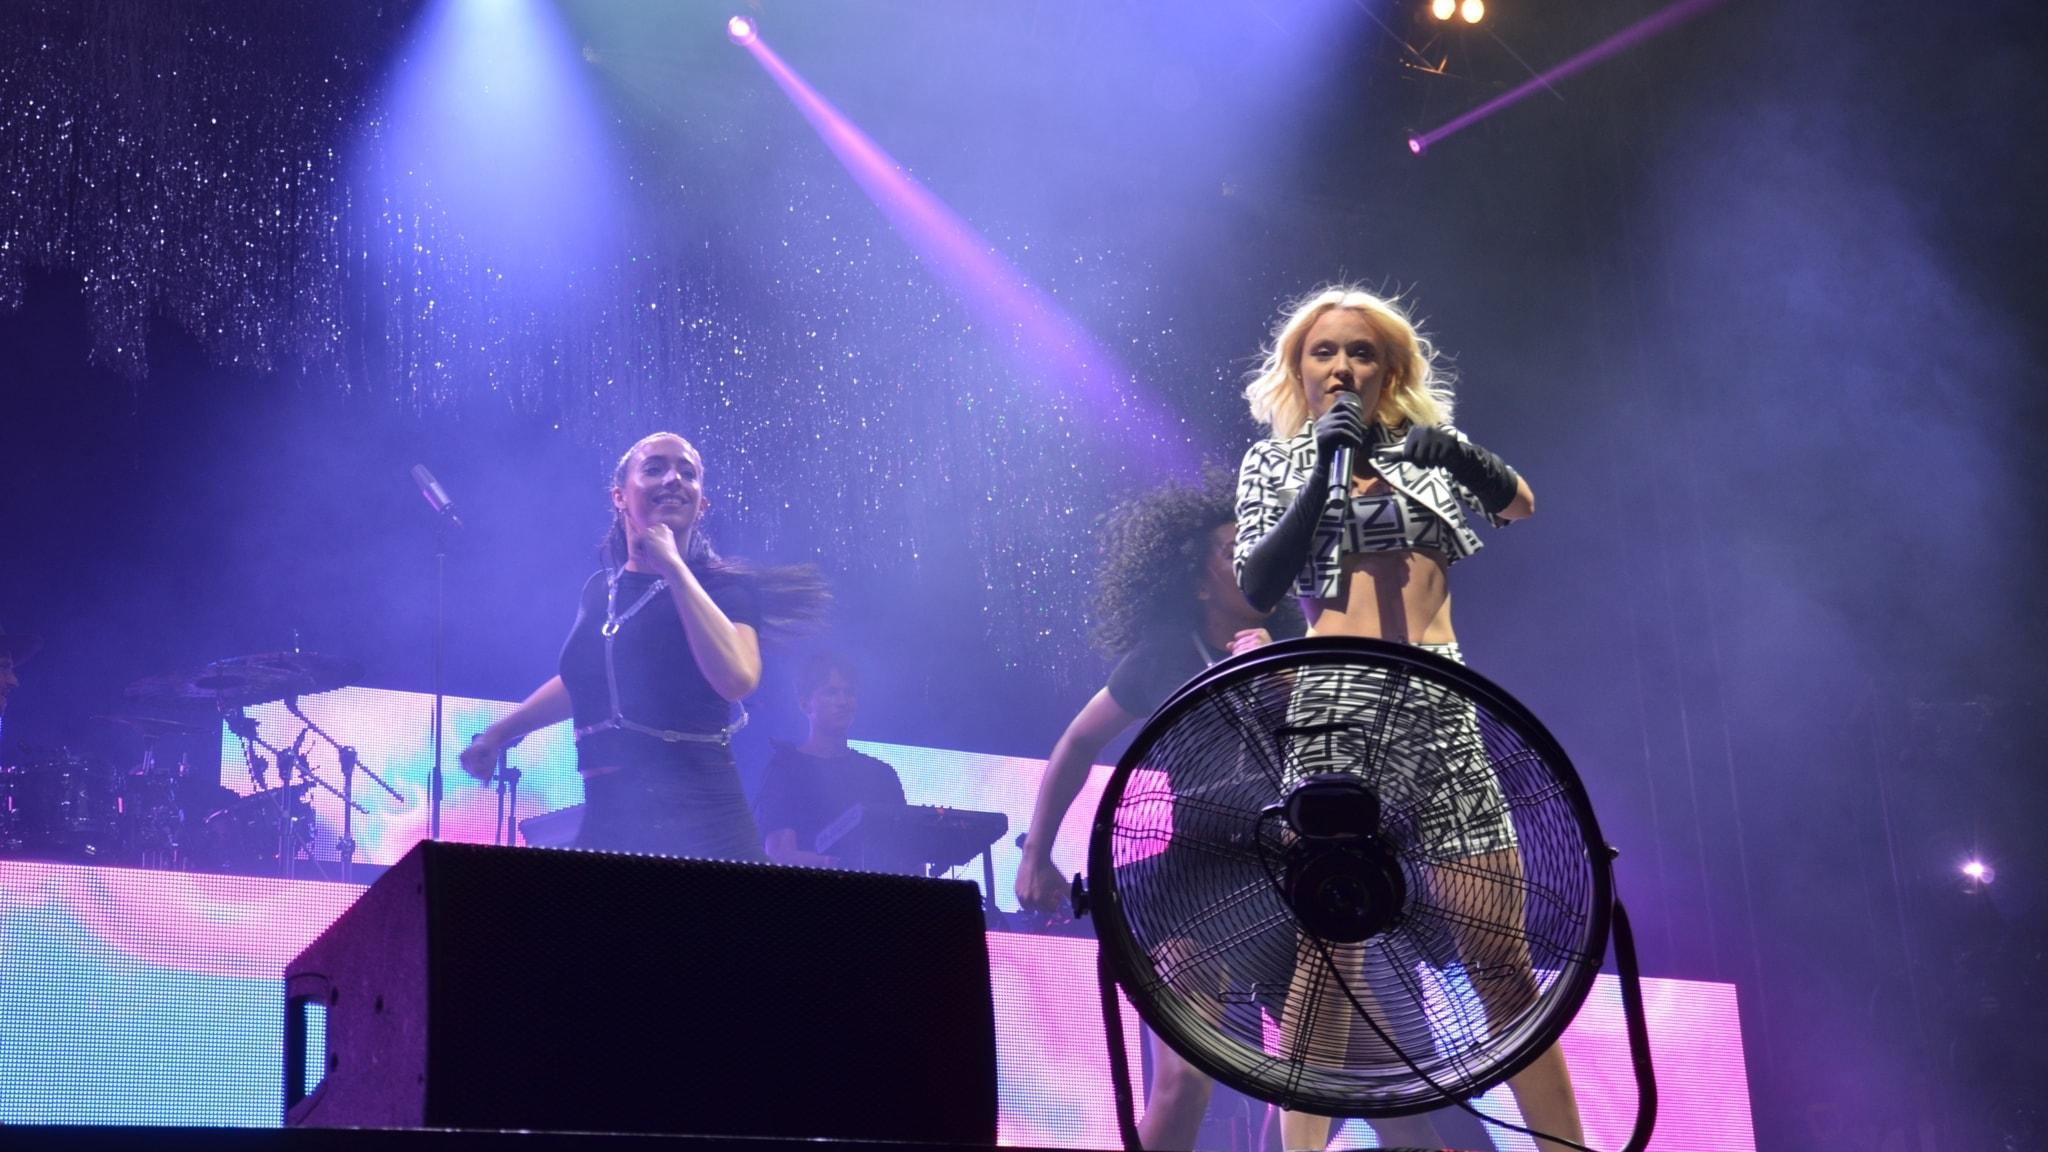 P4 Live med Zara Larsson från Queens of Pop 2018